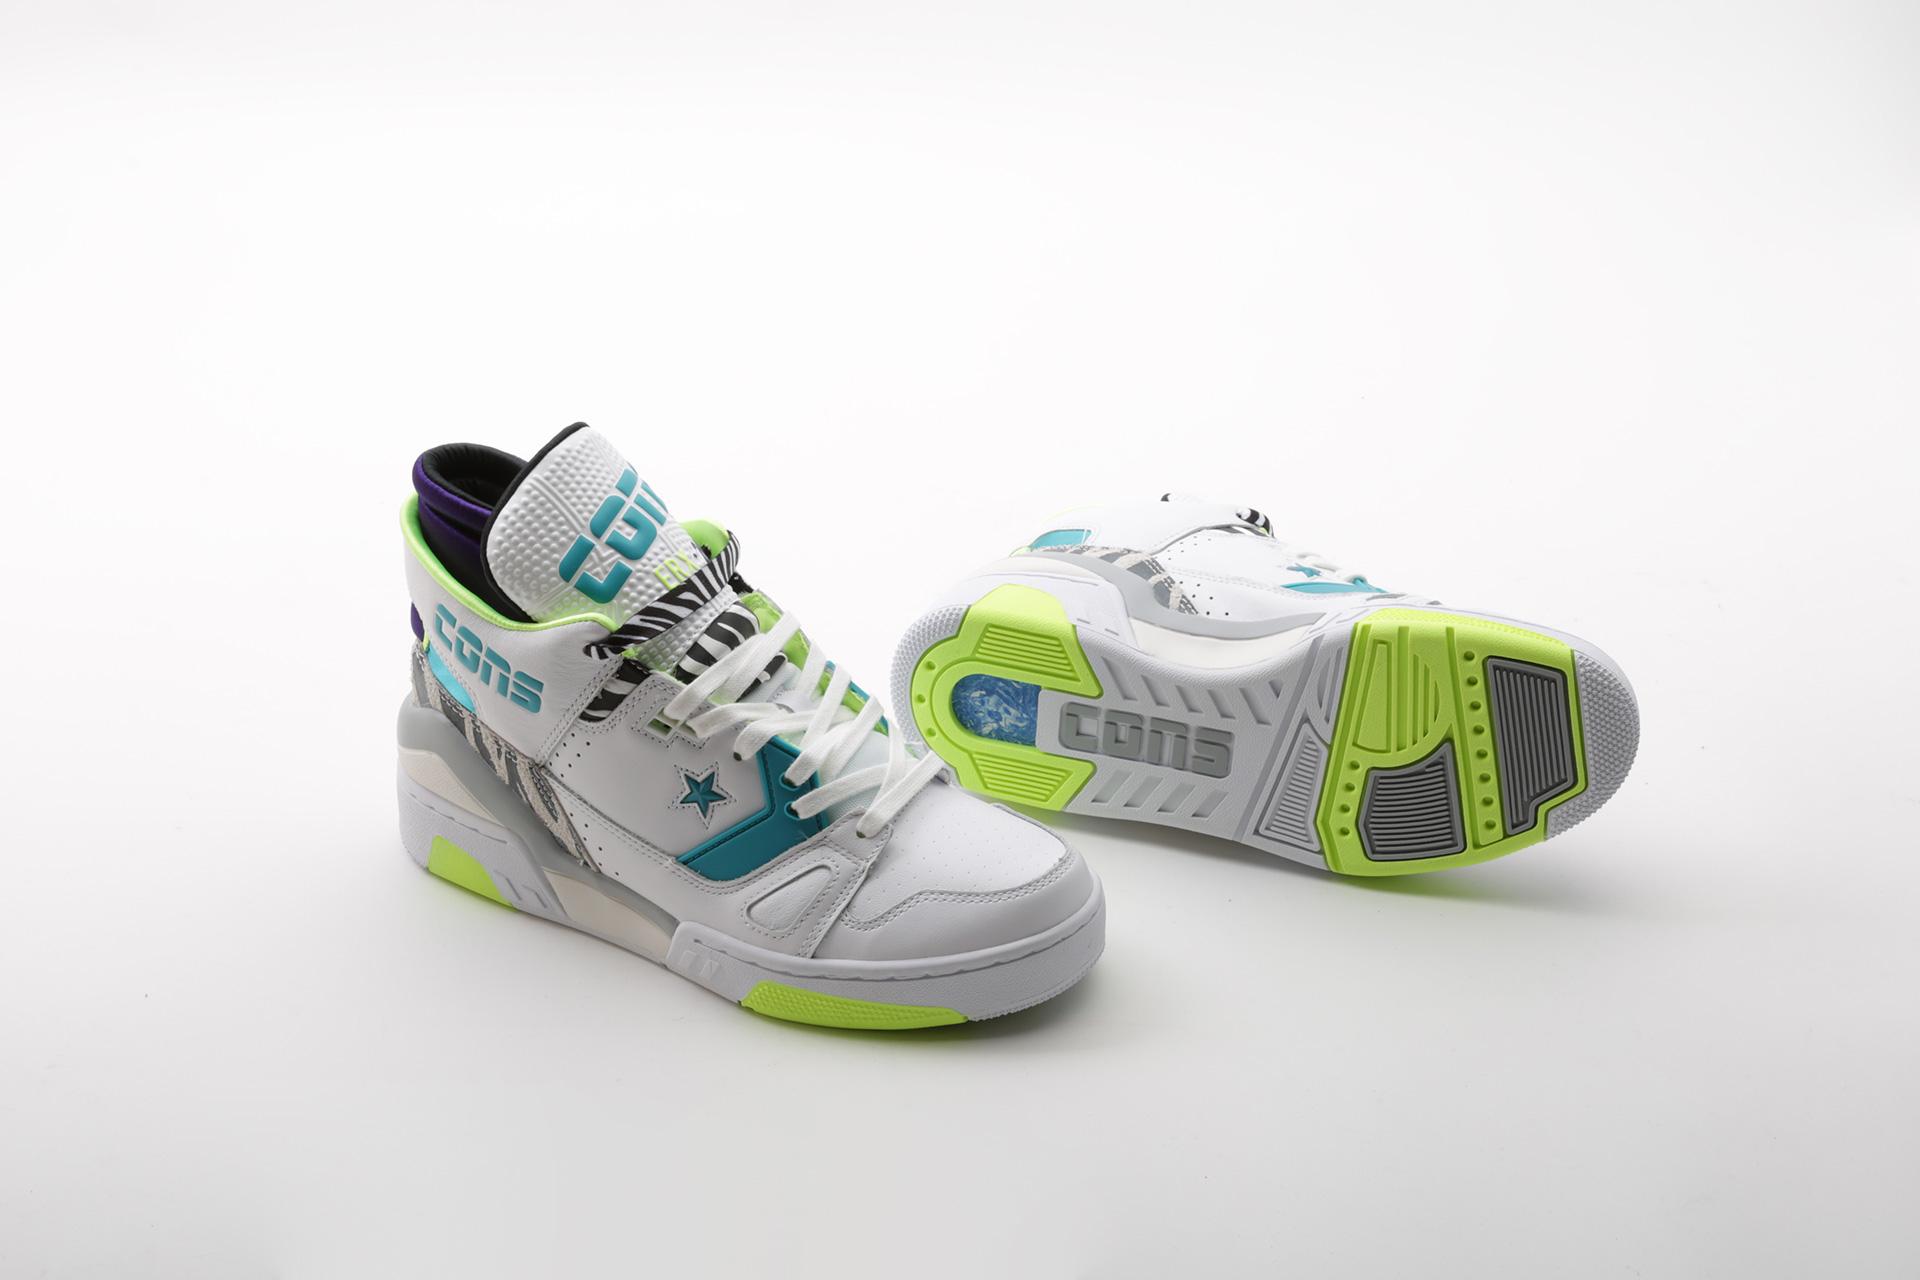 5445f250 ... Купить мужские белые кроссовки Converse Don C ERX 260 Mid - фото 3  картинки ...